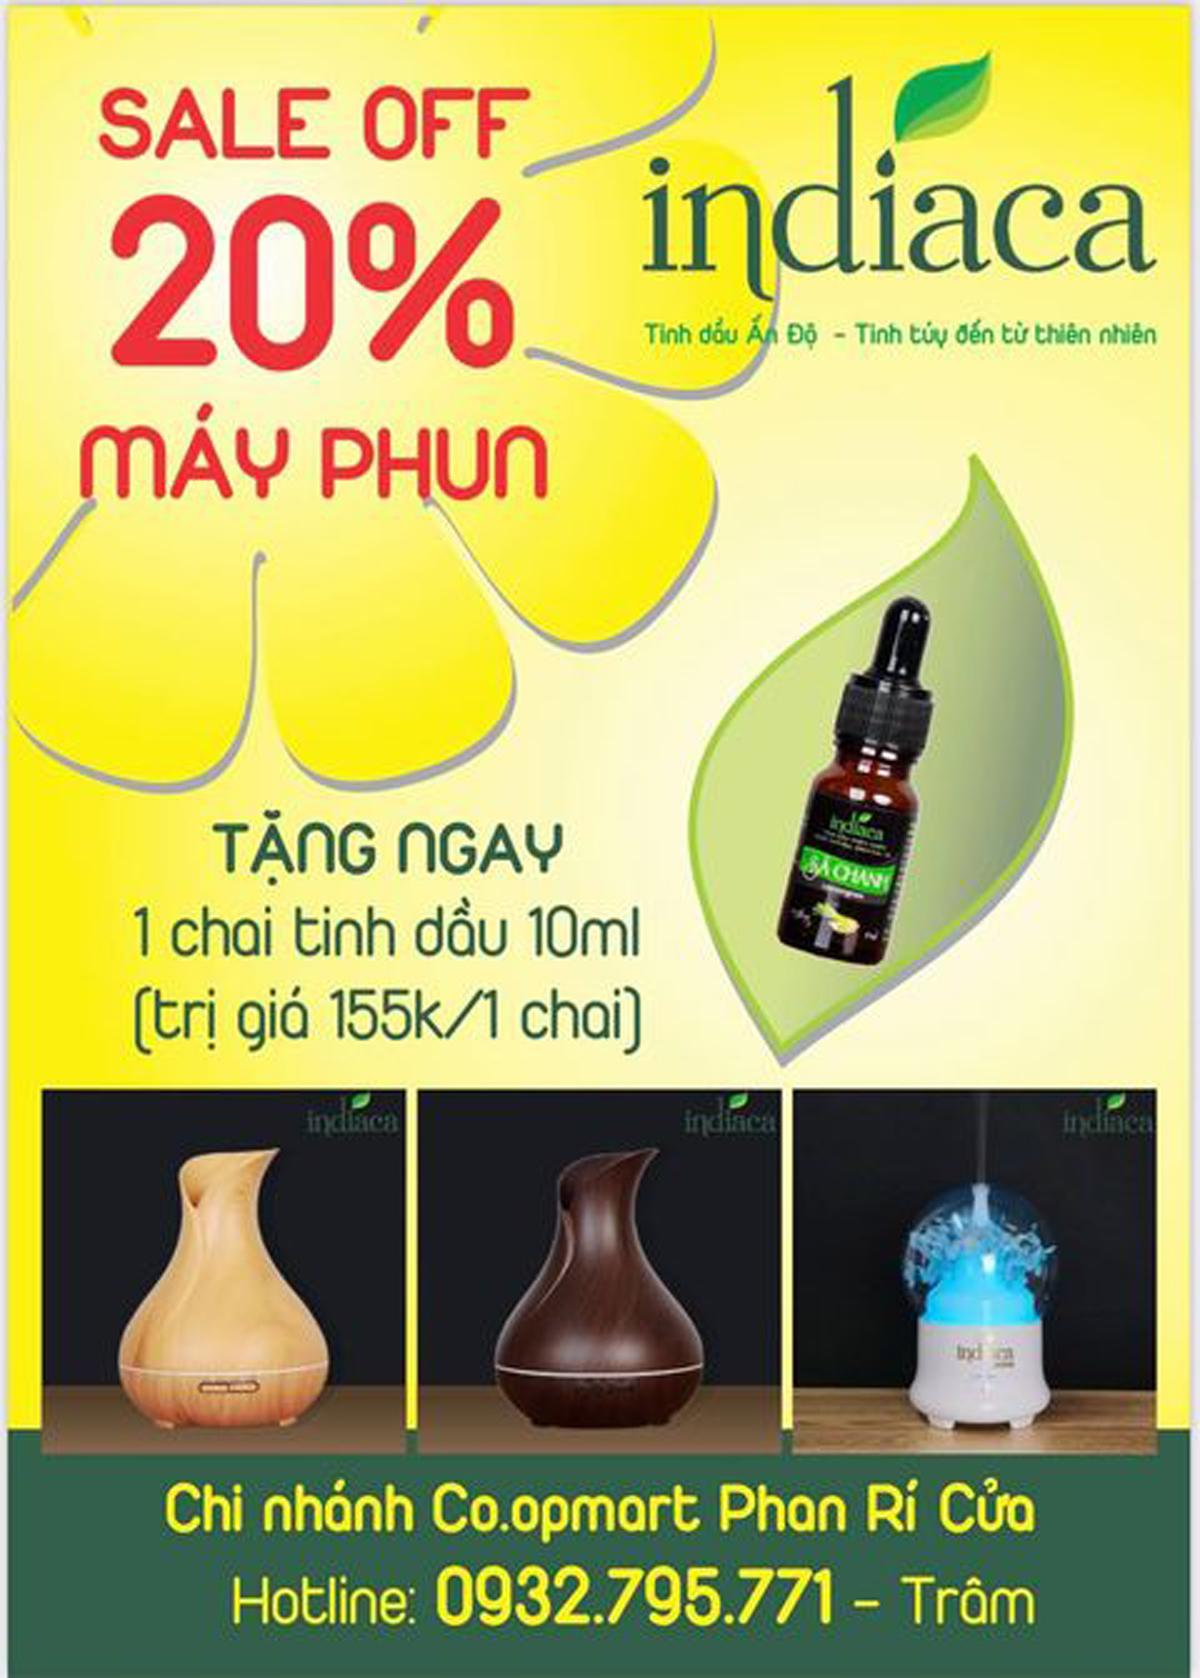 Indiaca Co.opmart Phan Rí Cửa có ưu đãi kép